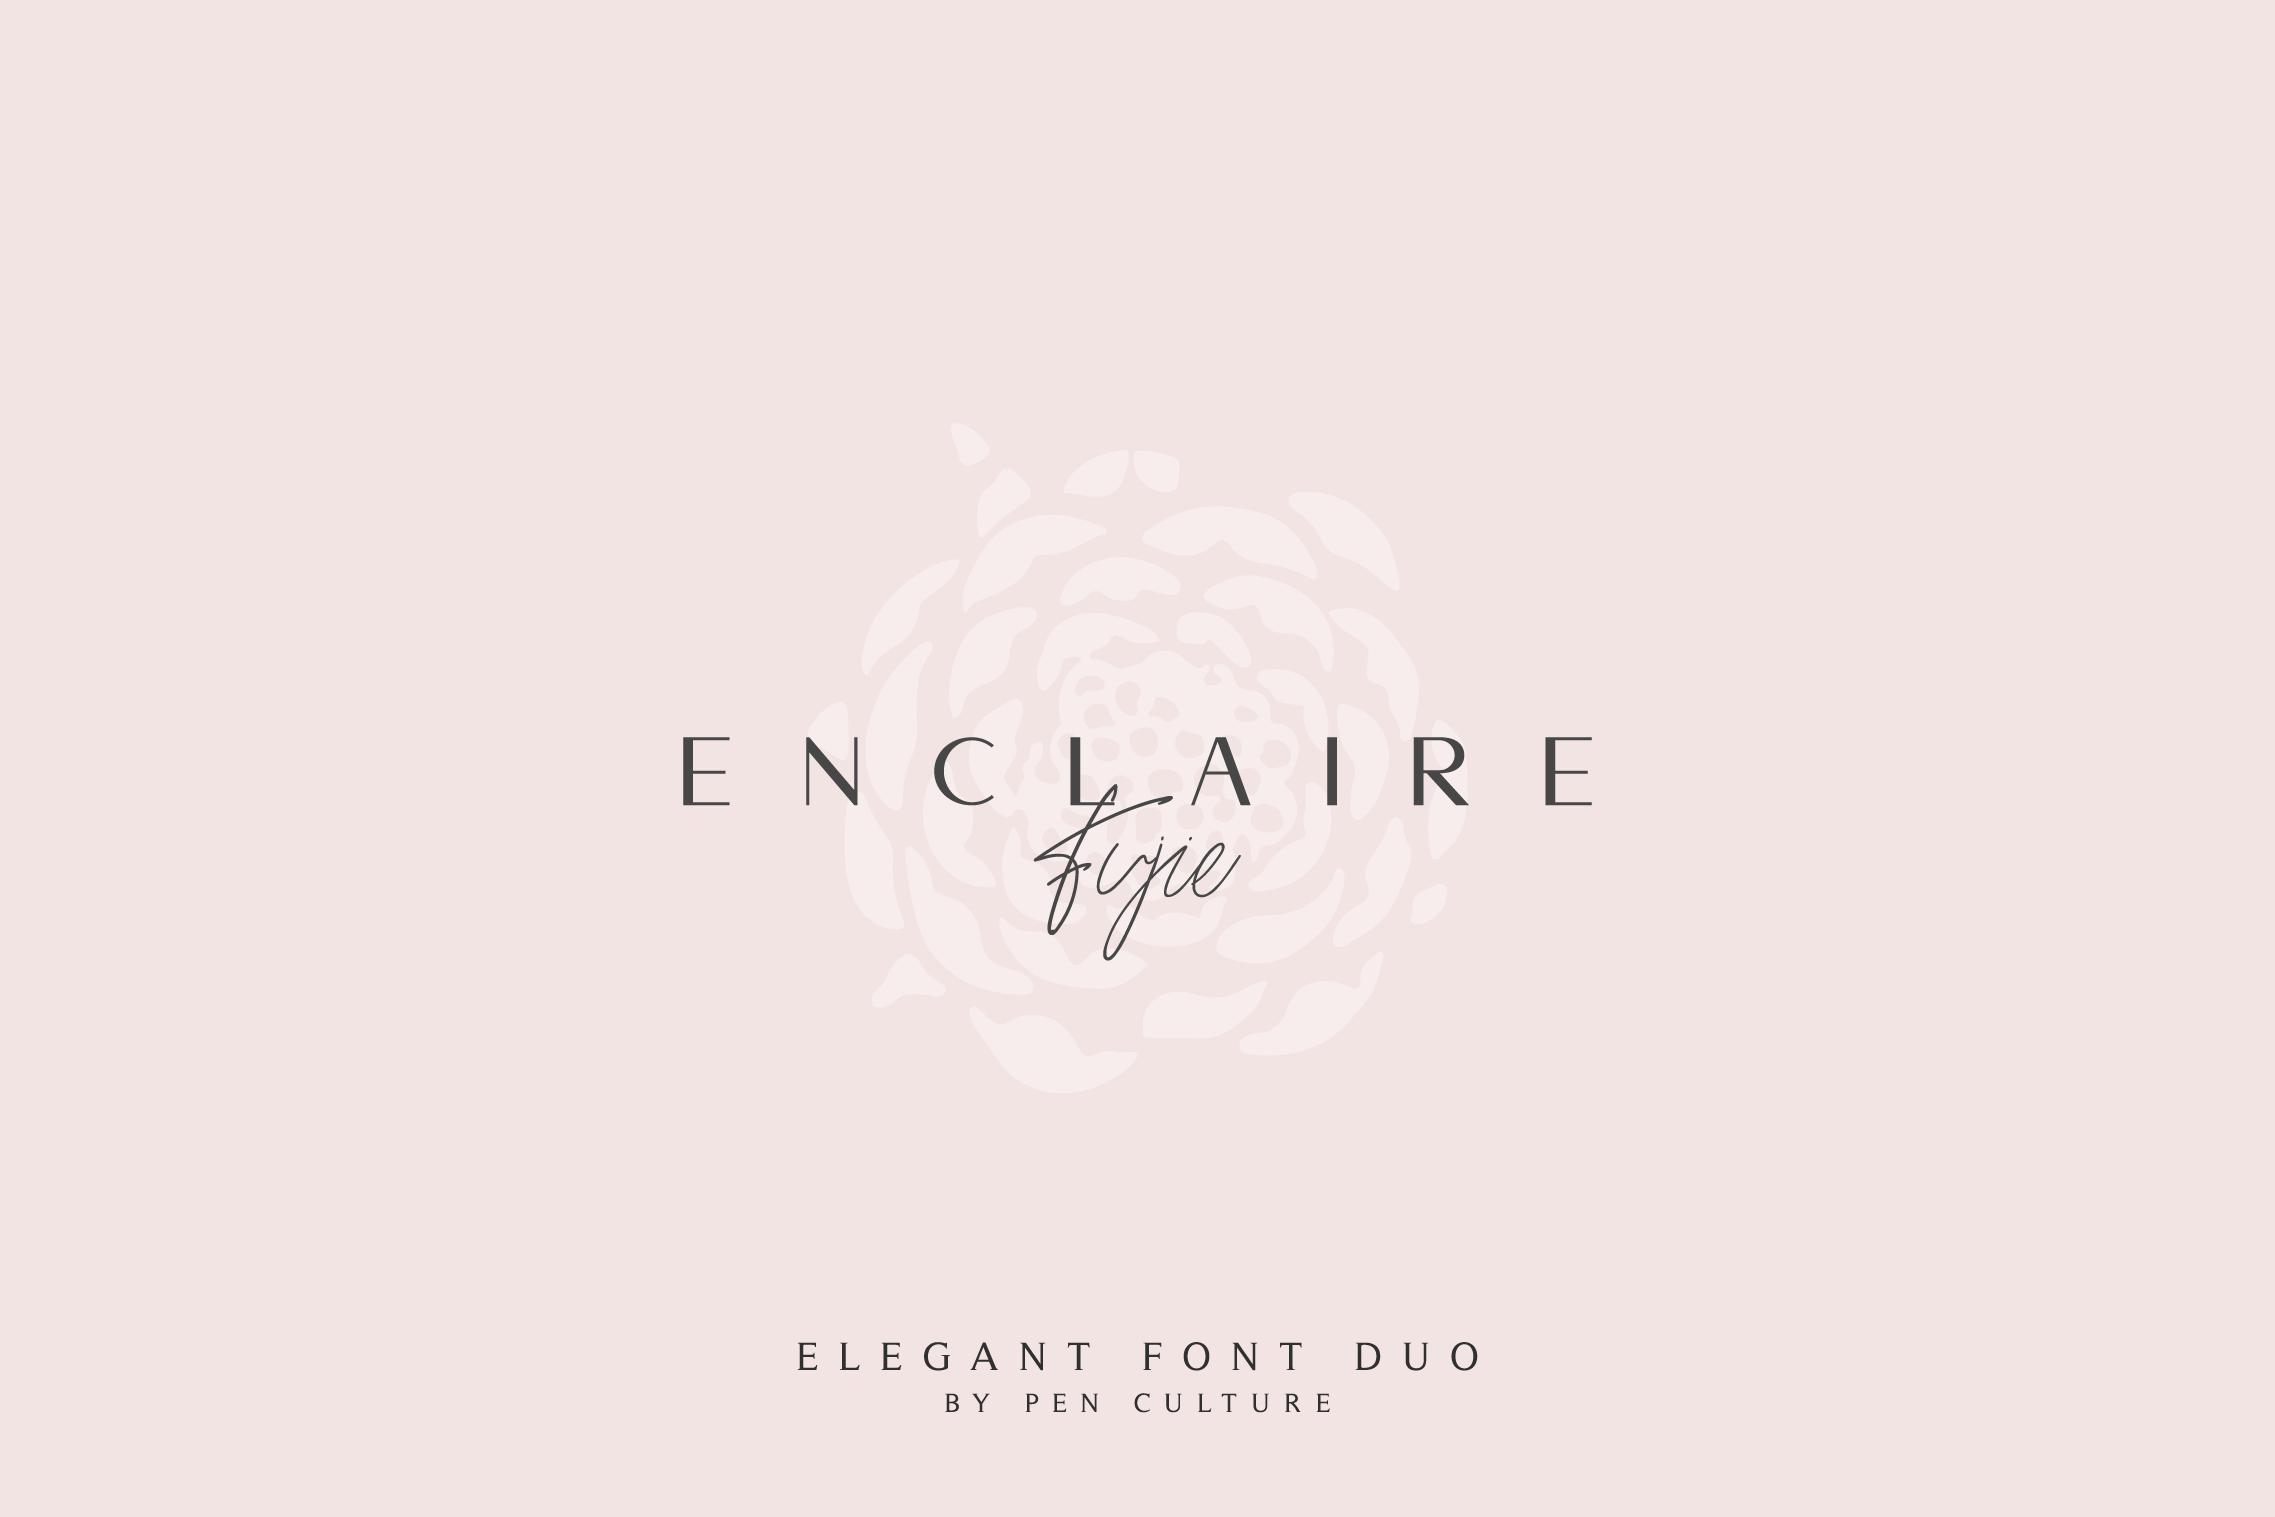 Dellmonte - Elegant Font Duo example image 7